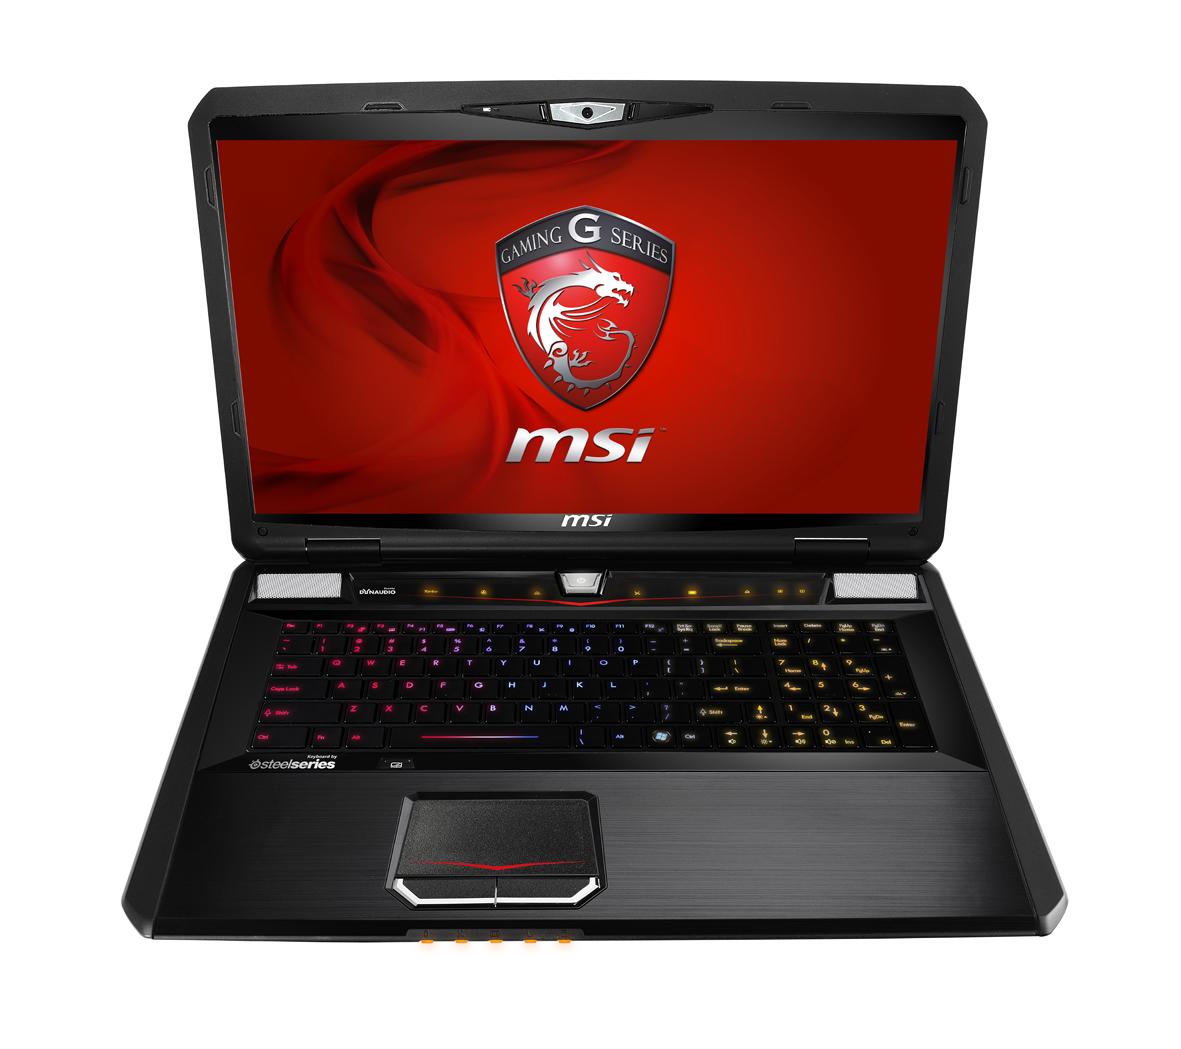 微星遊戲筆電GT70旗艦機 首搭Nvidia GTX680M 4G獨立顯卡  效能再升級  電腦應用展限量首賣